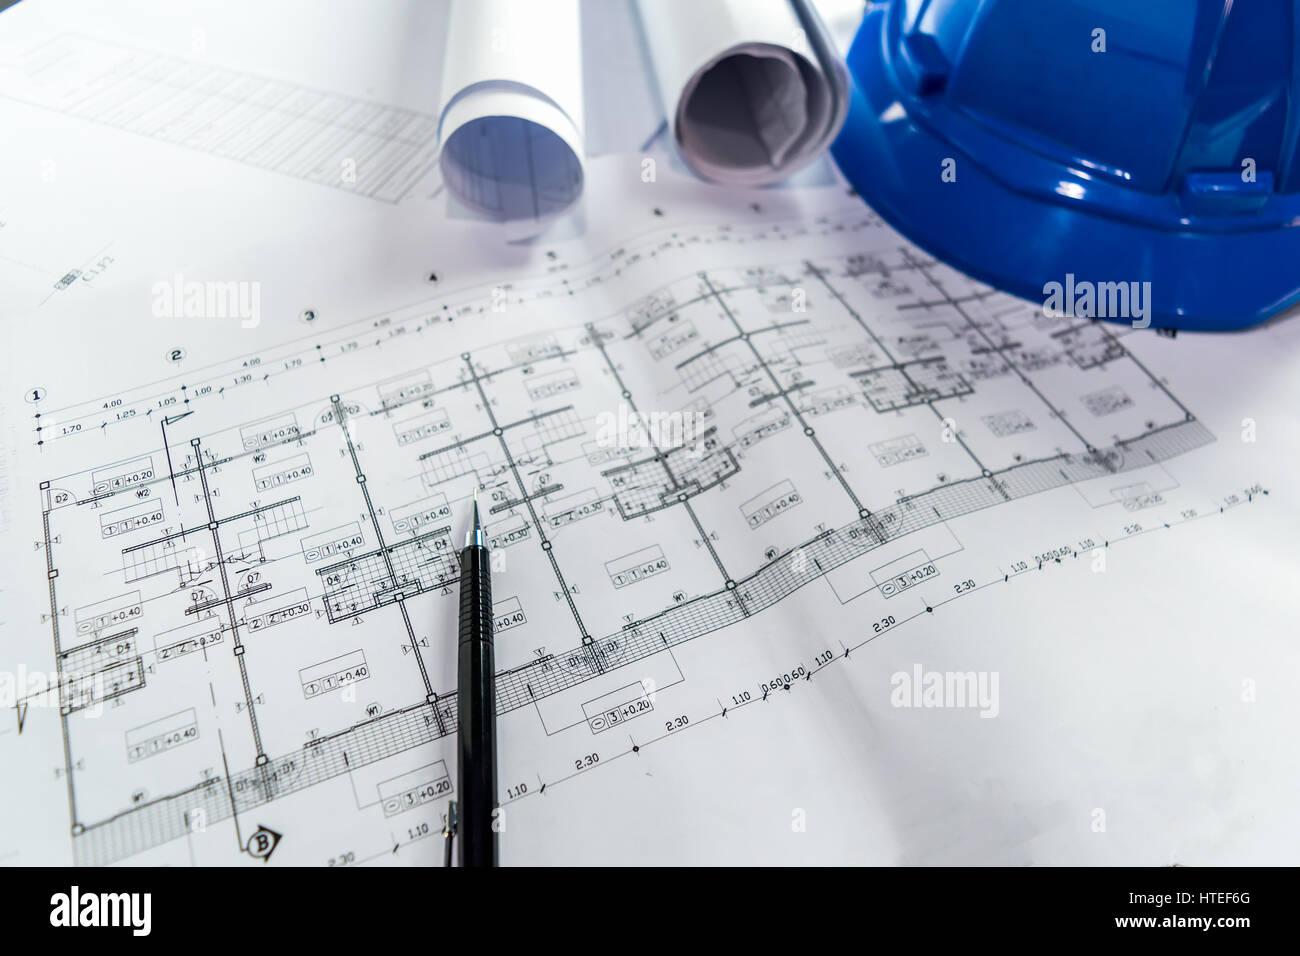 Berühmt Zeichnen Sie Skizze Online Bilder - Schaltplan Serie Circuit ...